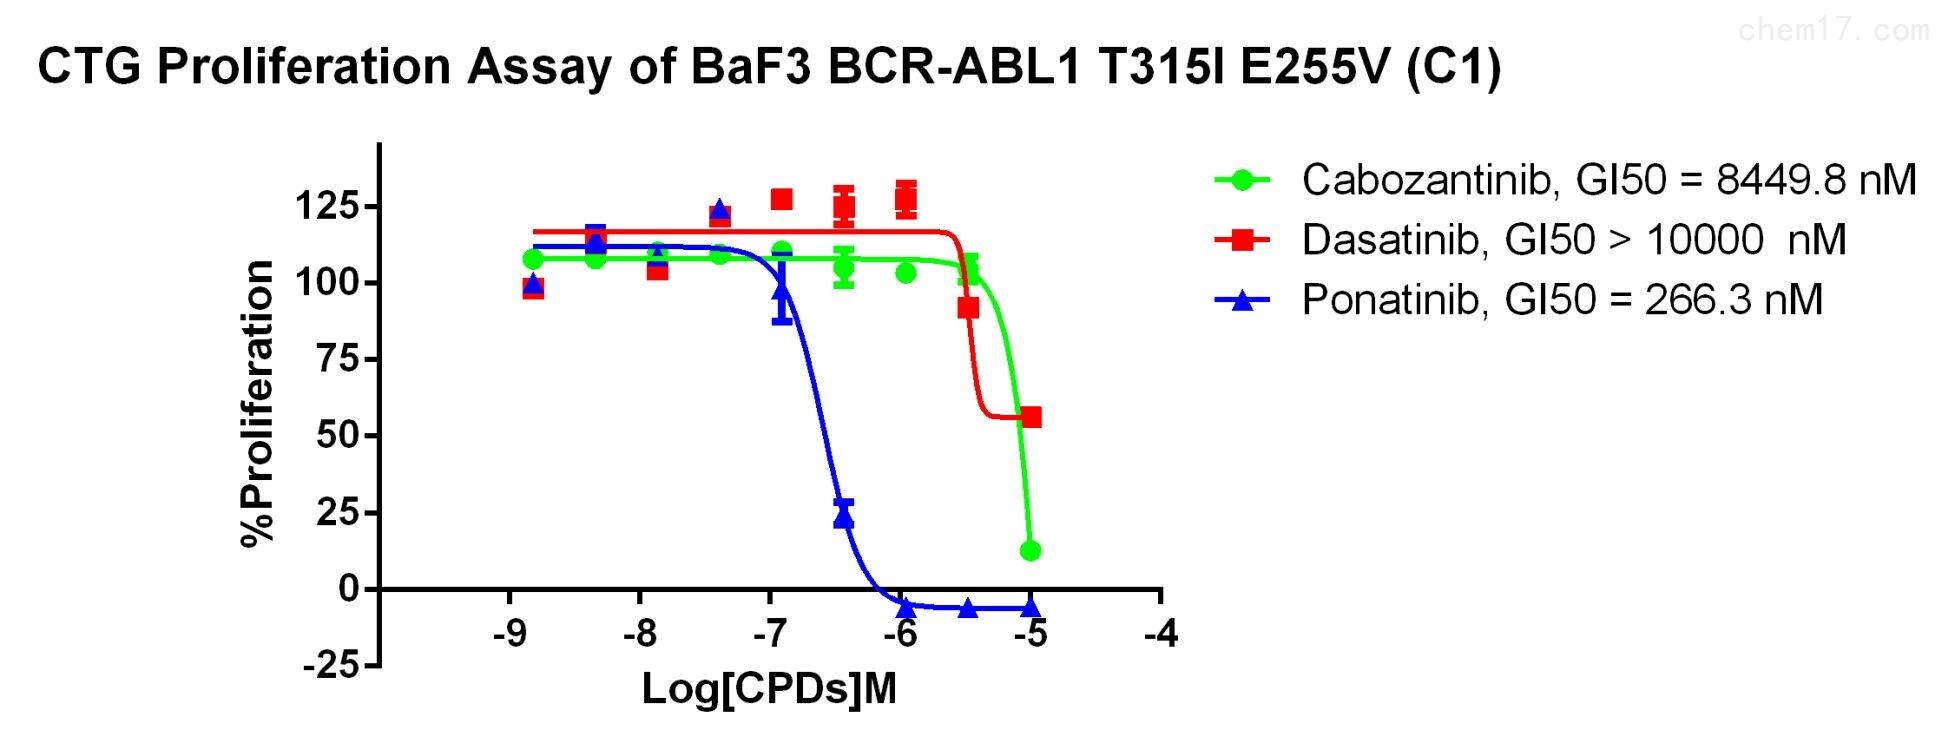 CBP73277 fig.jpg